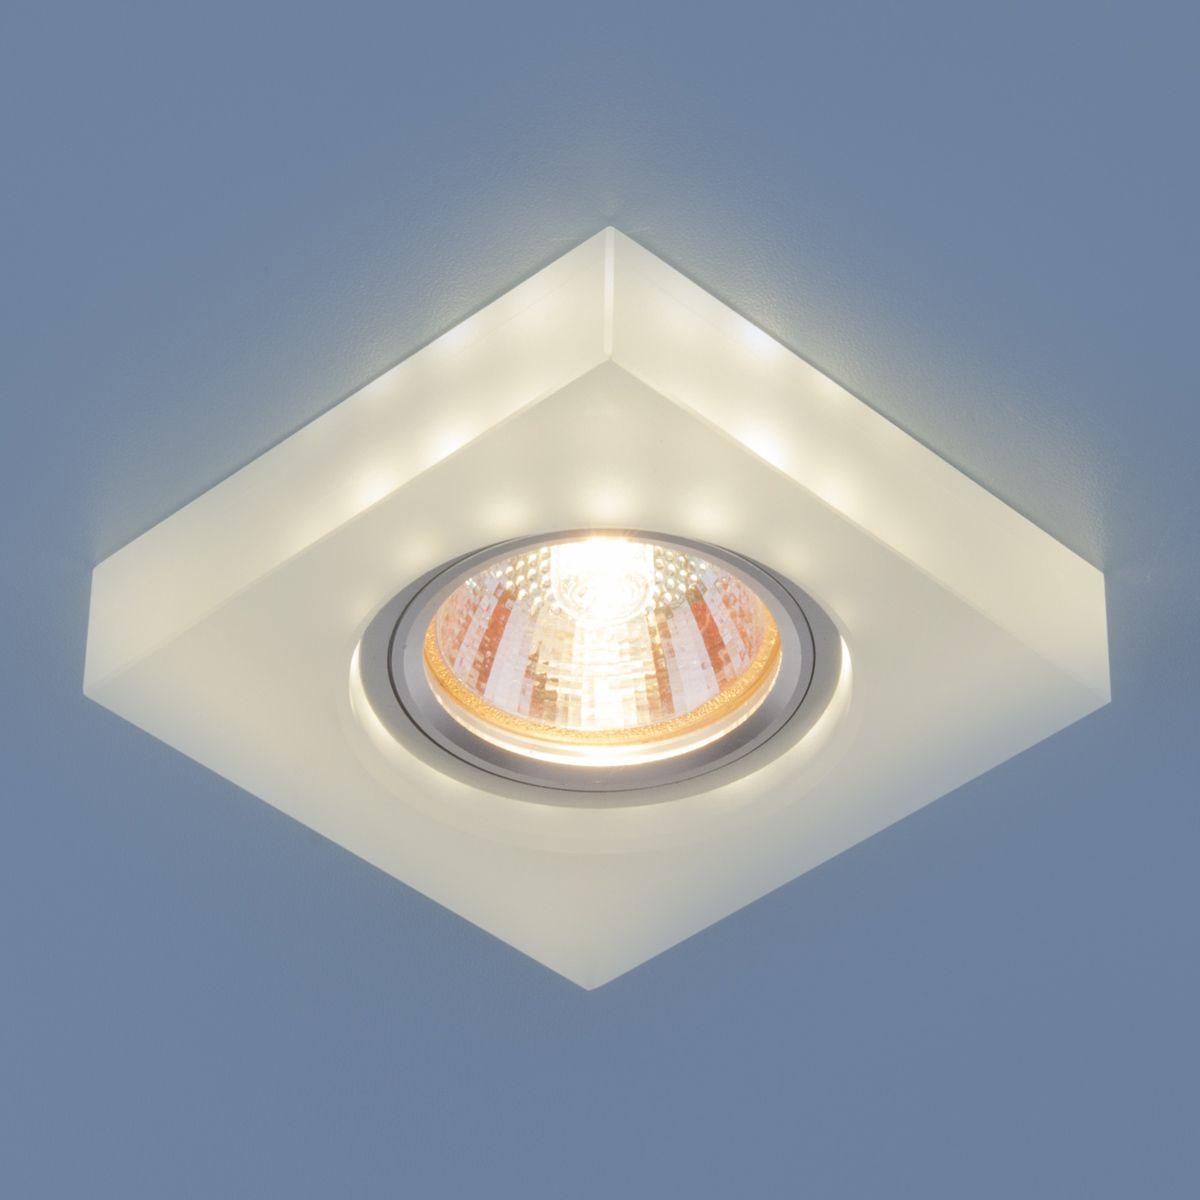 Точечный светильник с LED подсветкой 6063 MR16 WH белый